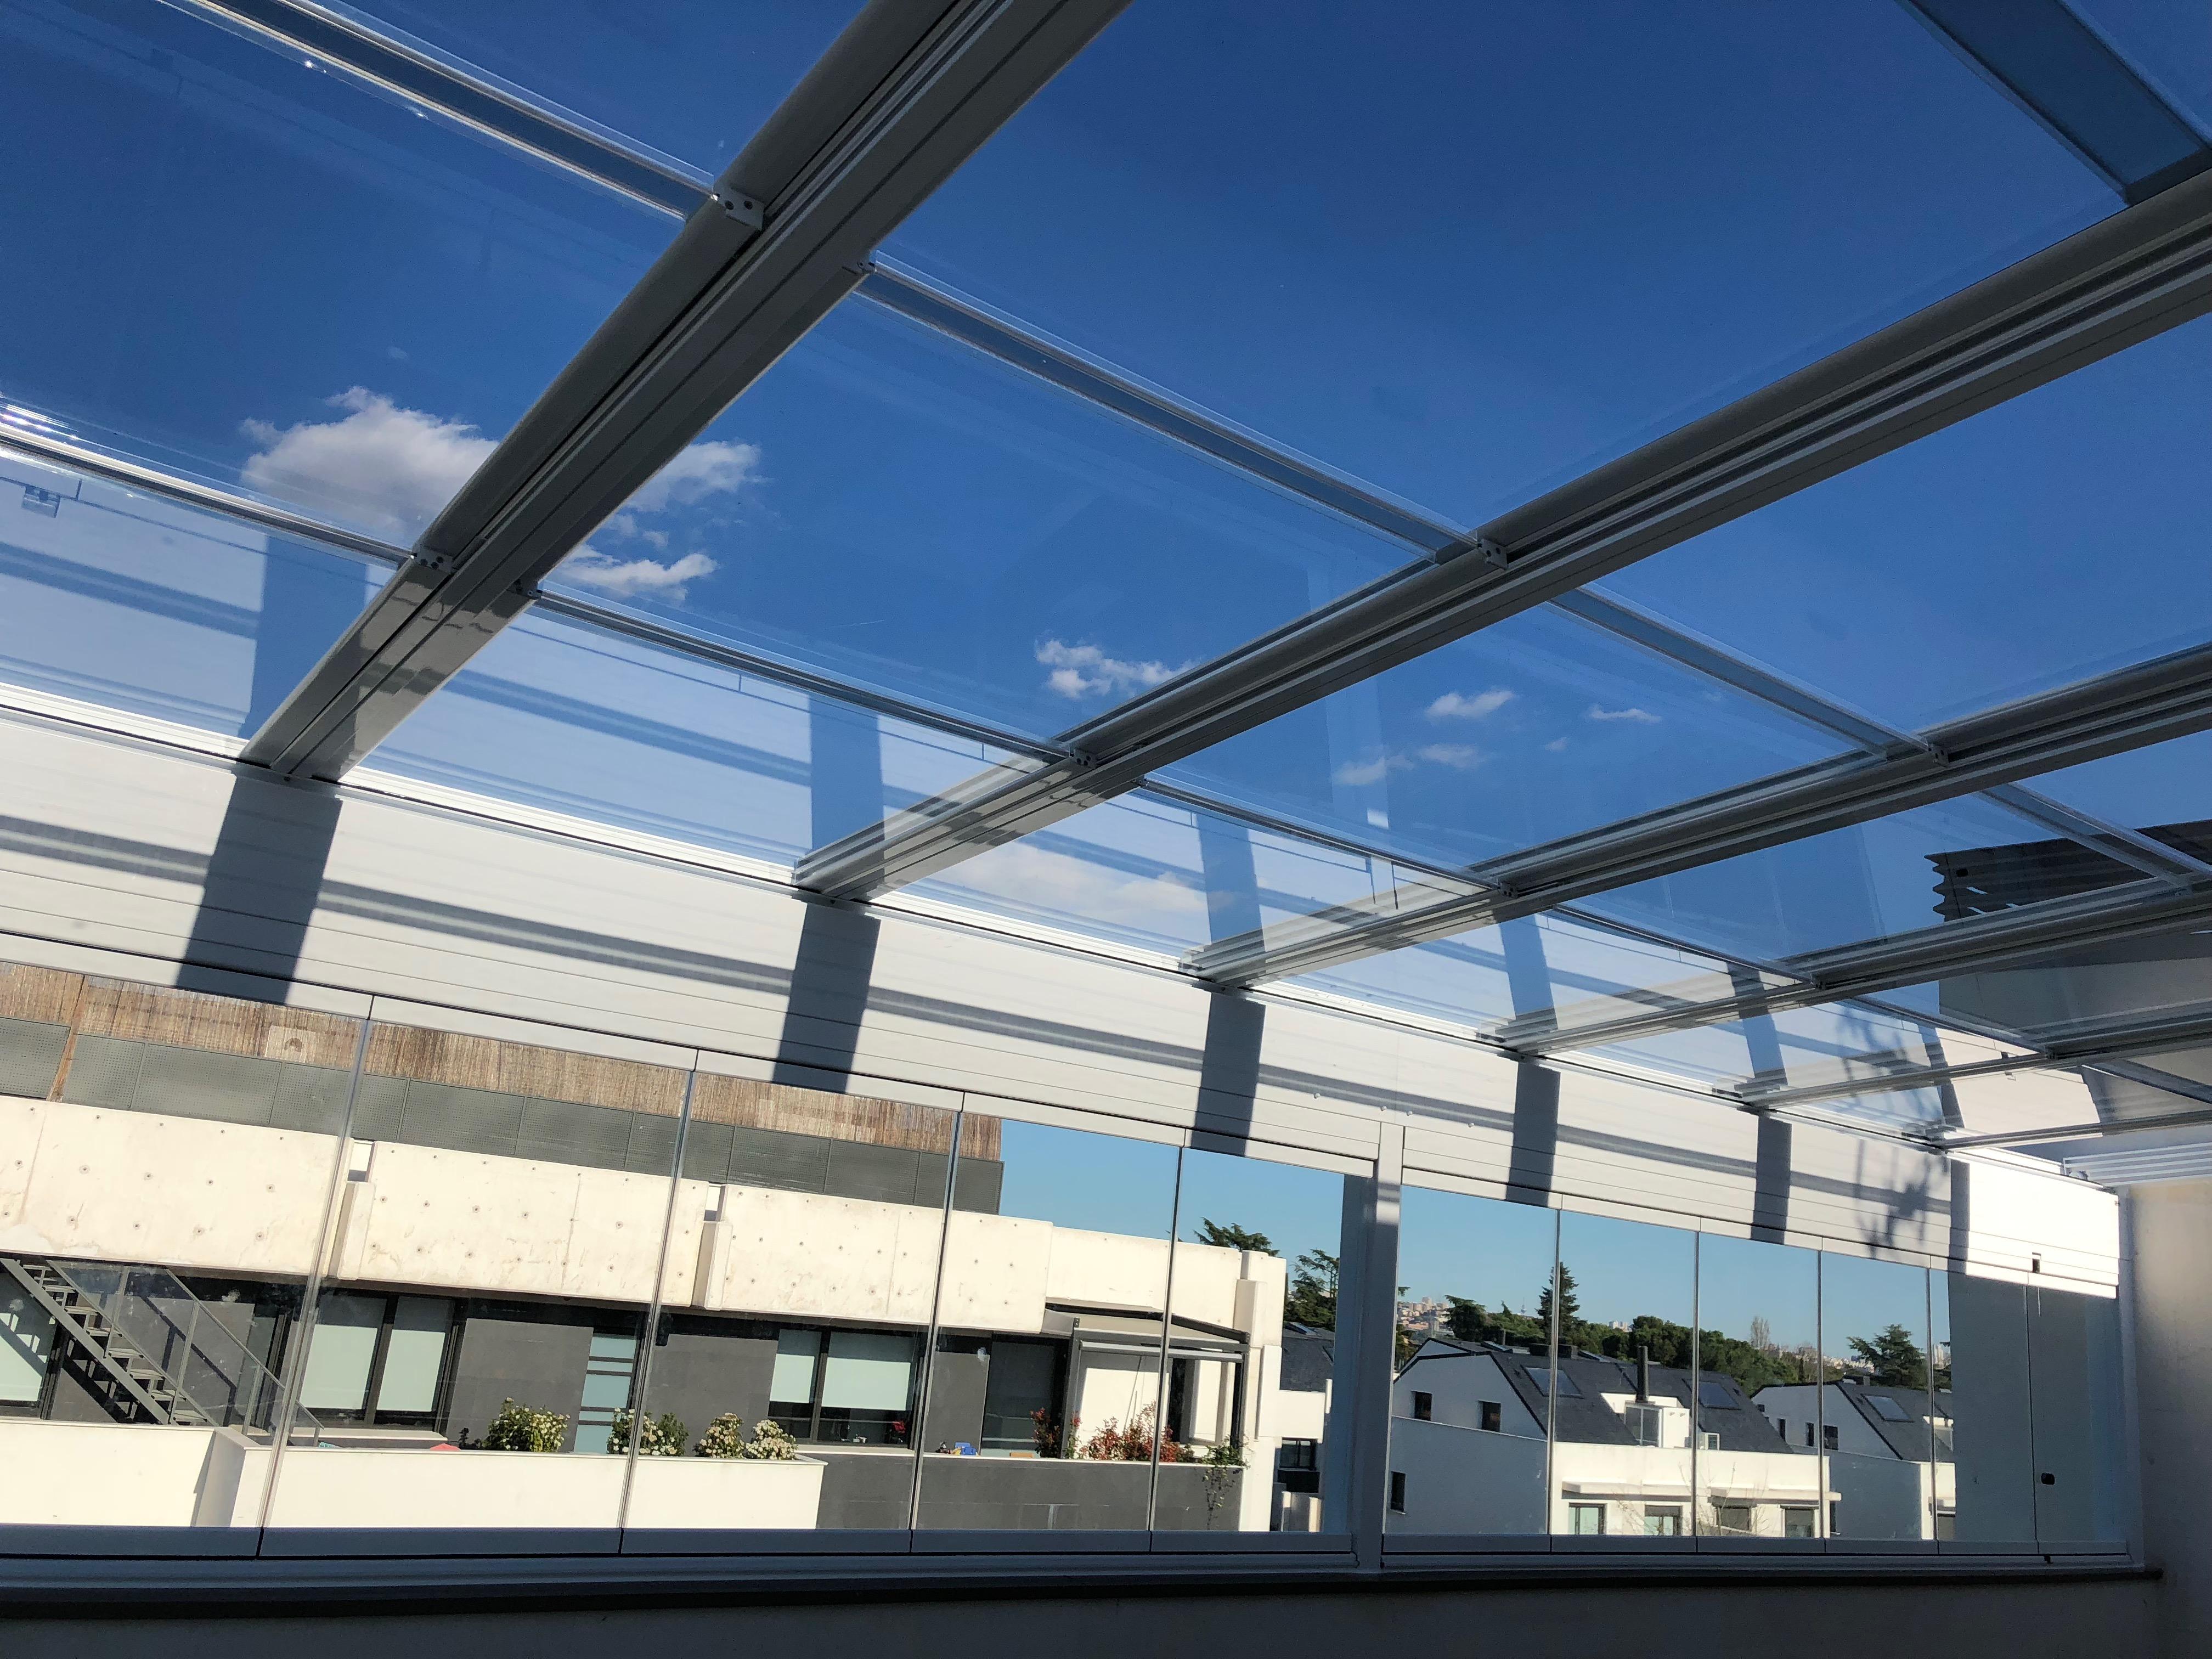 IMG 0465 - Acristalamiento techo móvil motorizado